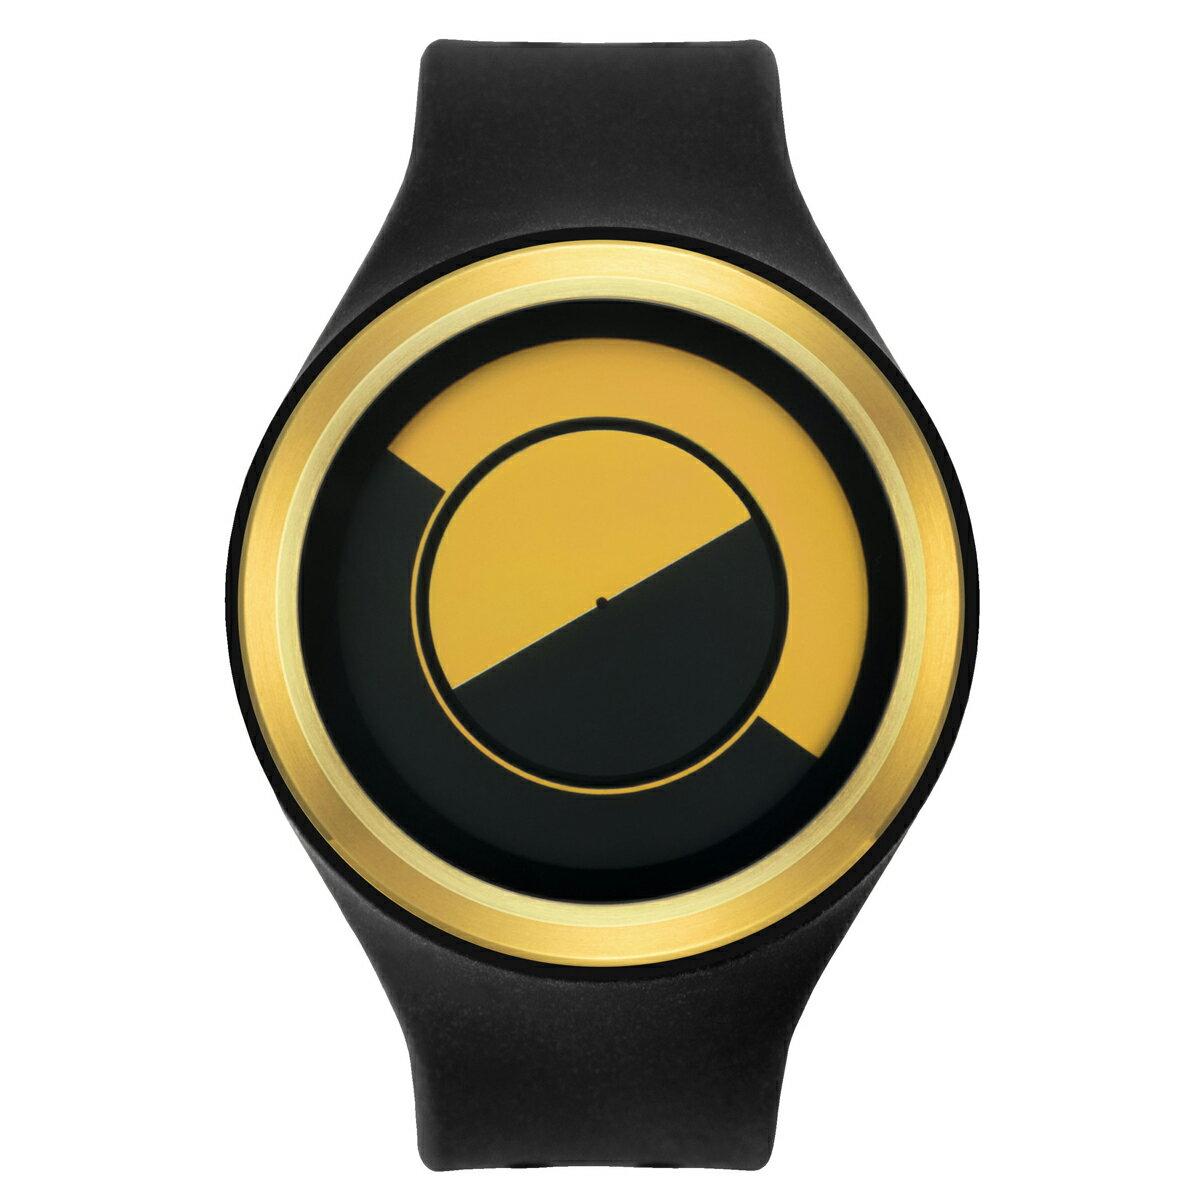 ZEROO QUARTER MOON ゼロ 電池式クォーツ 腕時計 [W01004B04SR02] ブラック デザインウォッチ ペア用 メンズ レディース ユニセックス おしゃれ時計 デザイナーズ